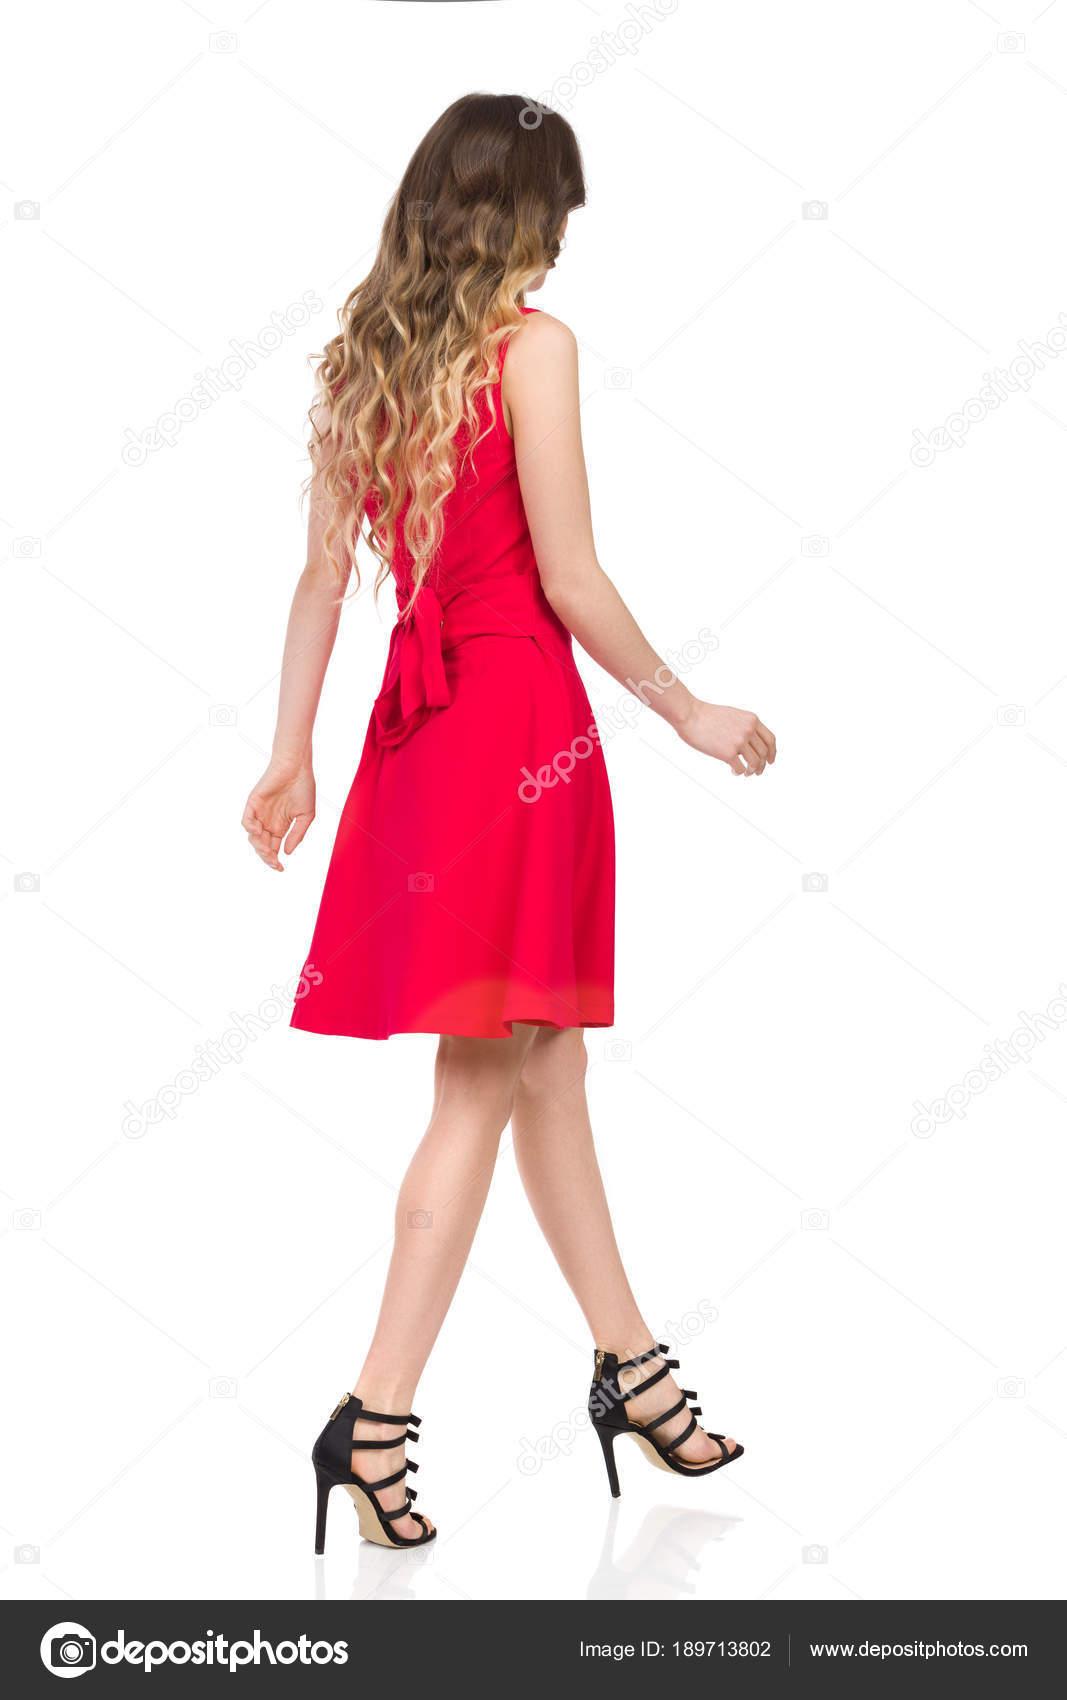 279983a9152 Belle jeune femme en talons hauts noirs et rouge mini robe est à pied. Vue  latérale arrière. Studio de pleine longueur coup isolé sur blanc — Image de  ...